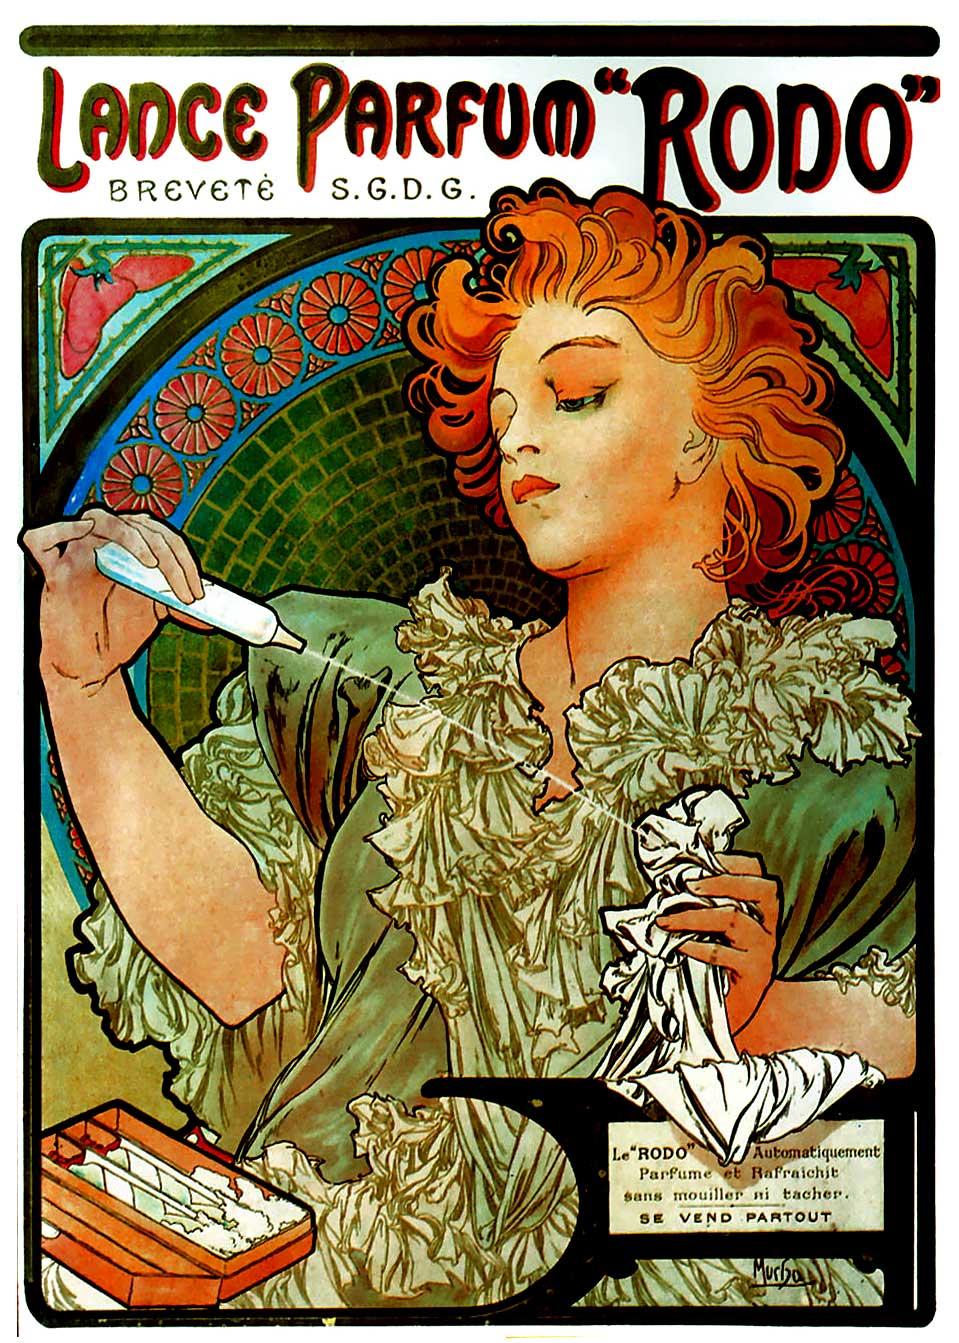 Реклама парфюмерии торговой марки Rodo-1896